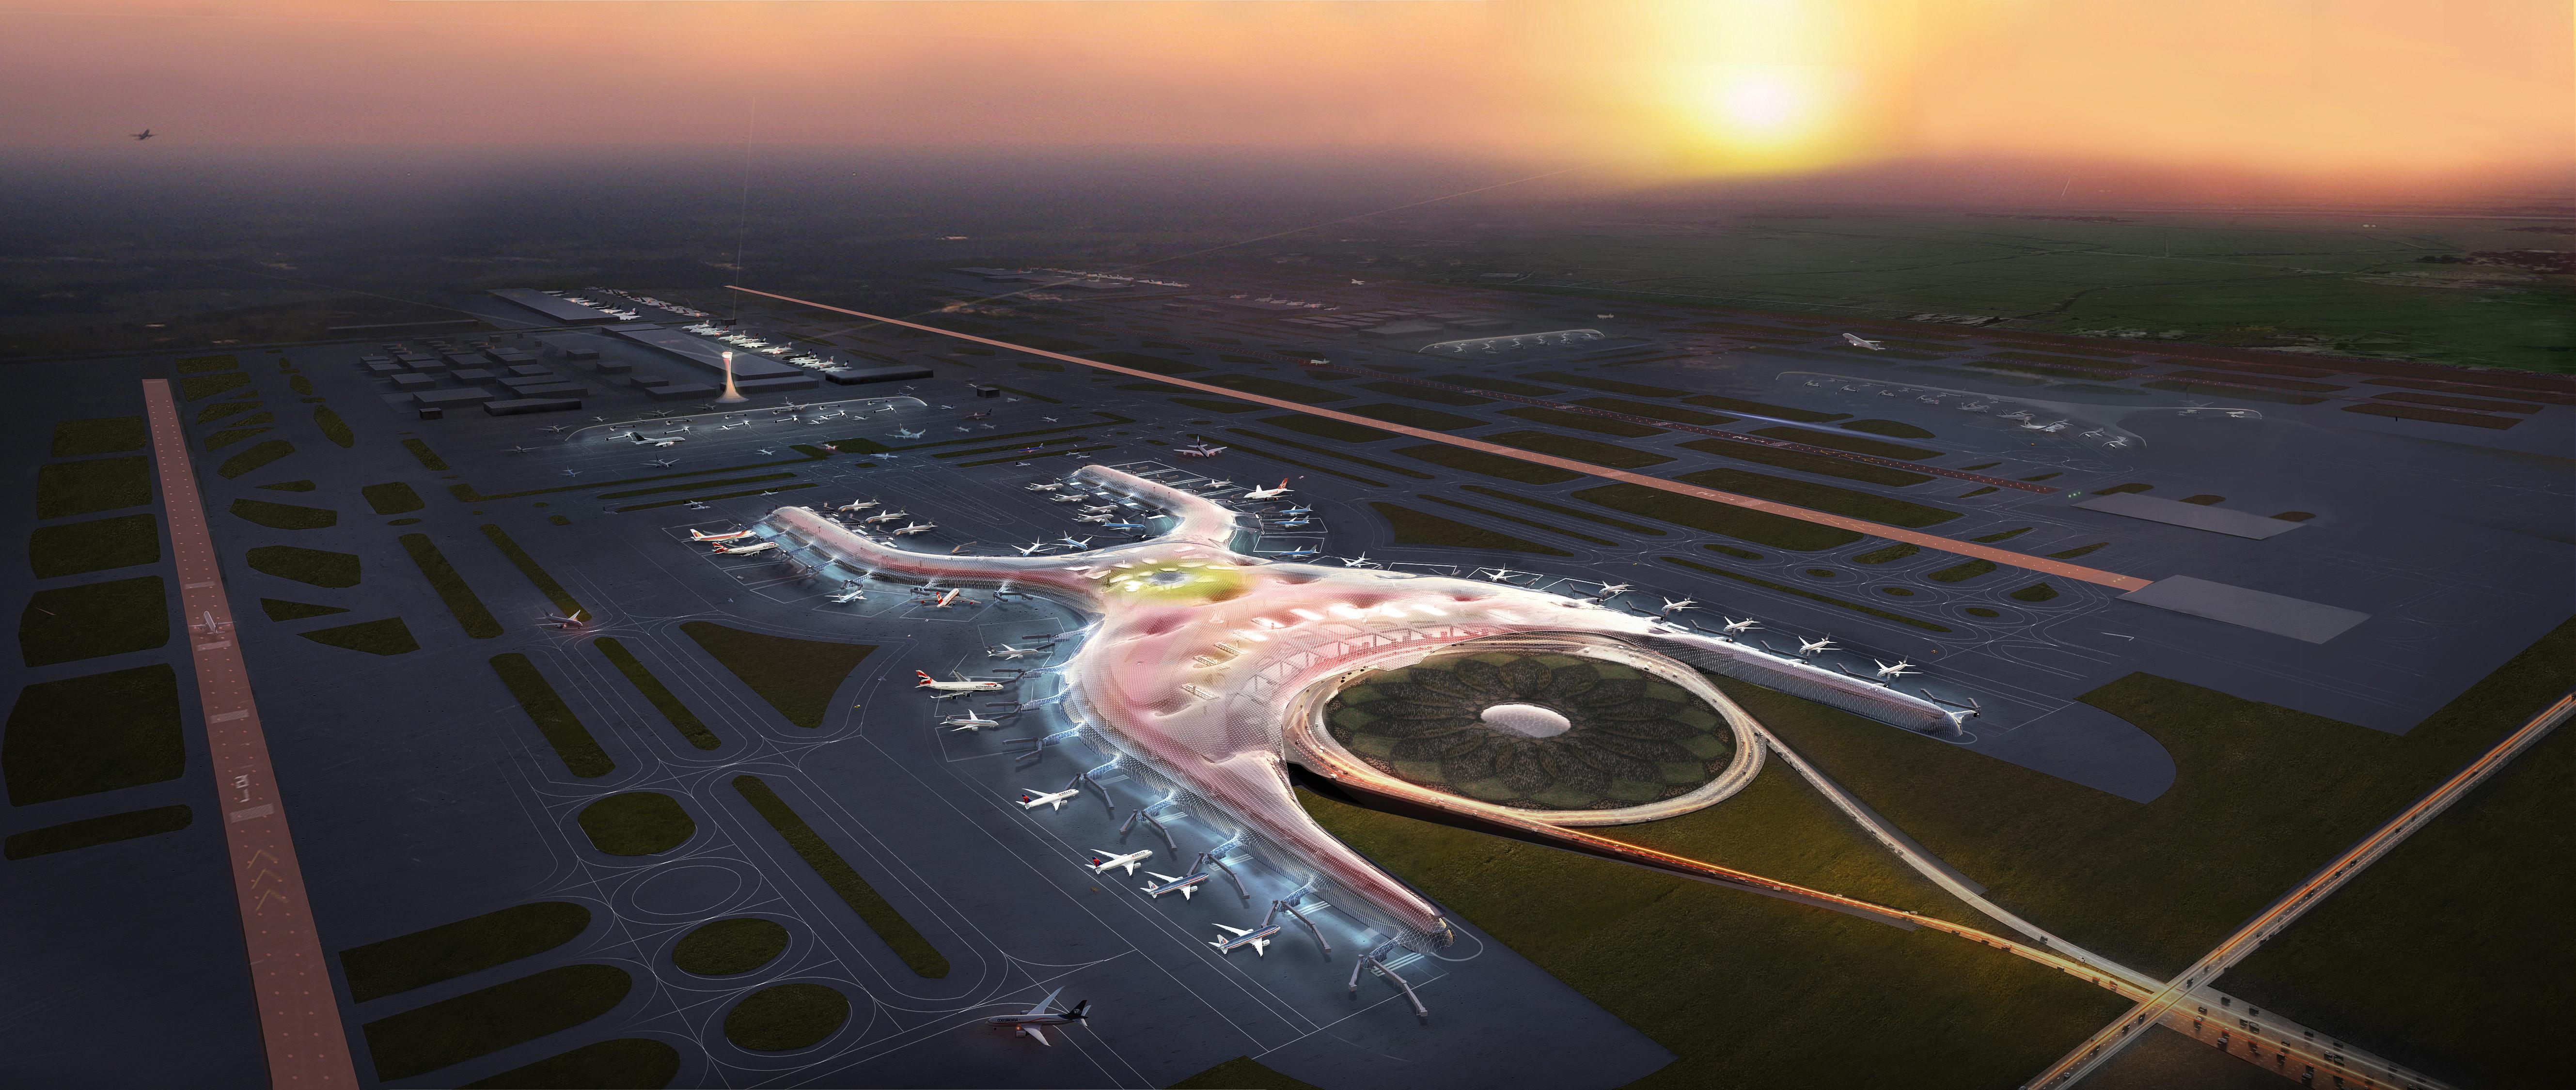 Beijing Airport Inside And Beijing's New Airport